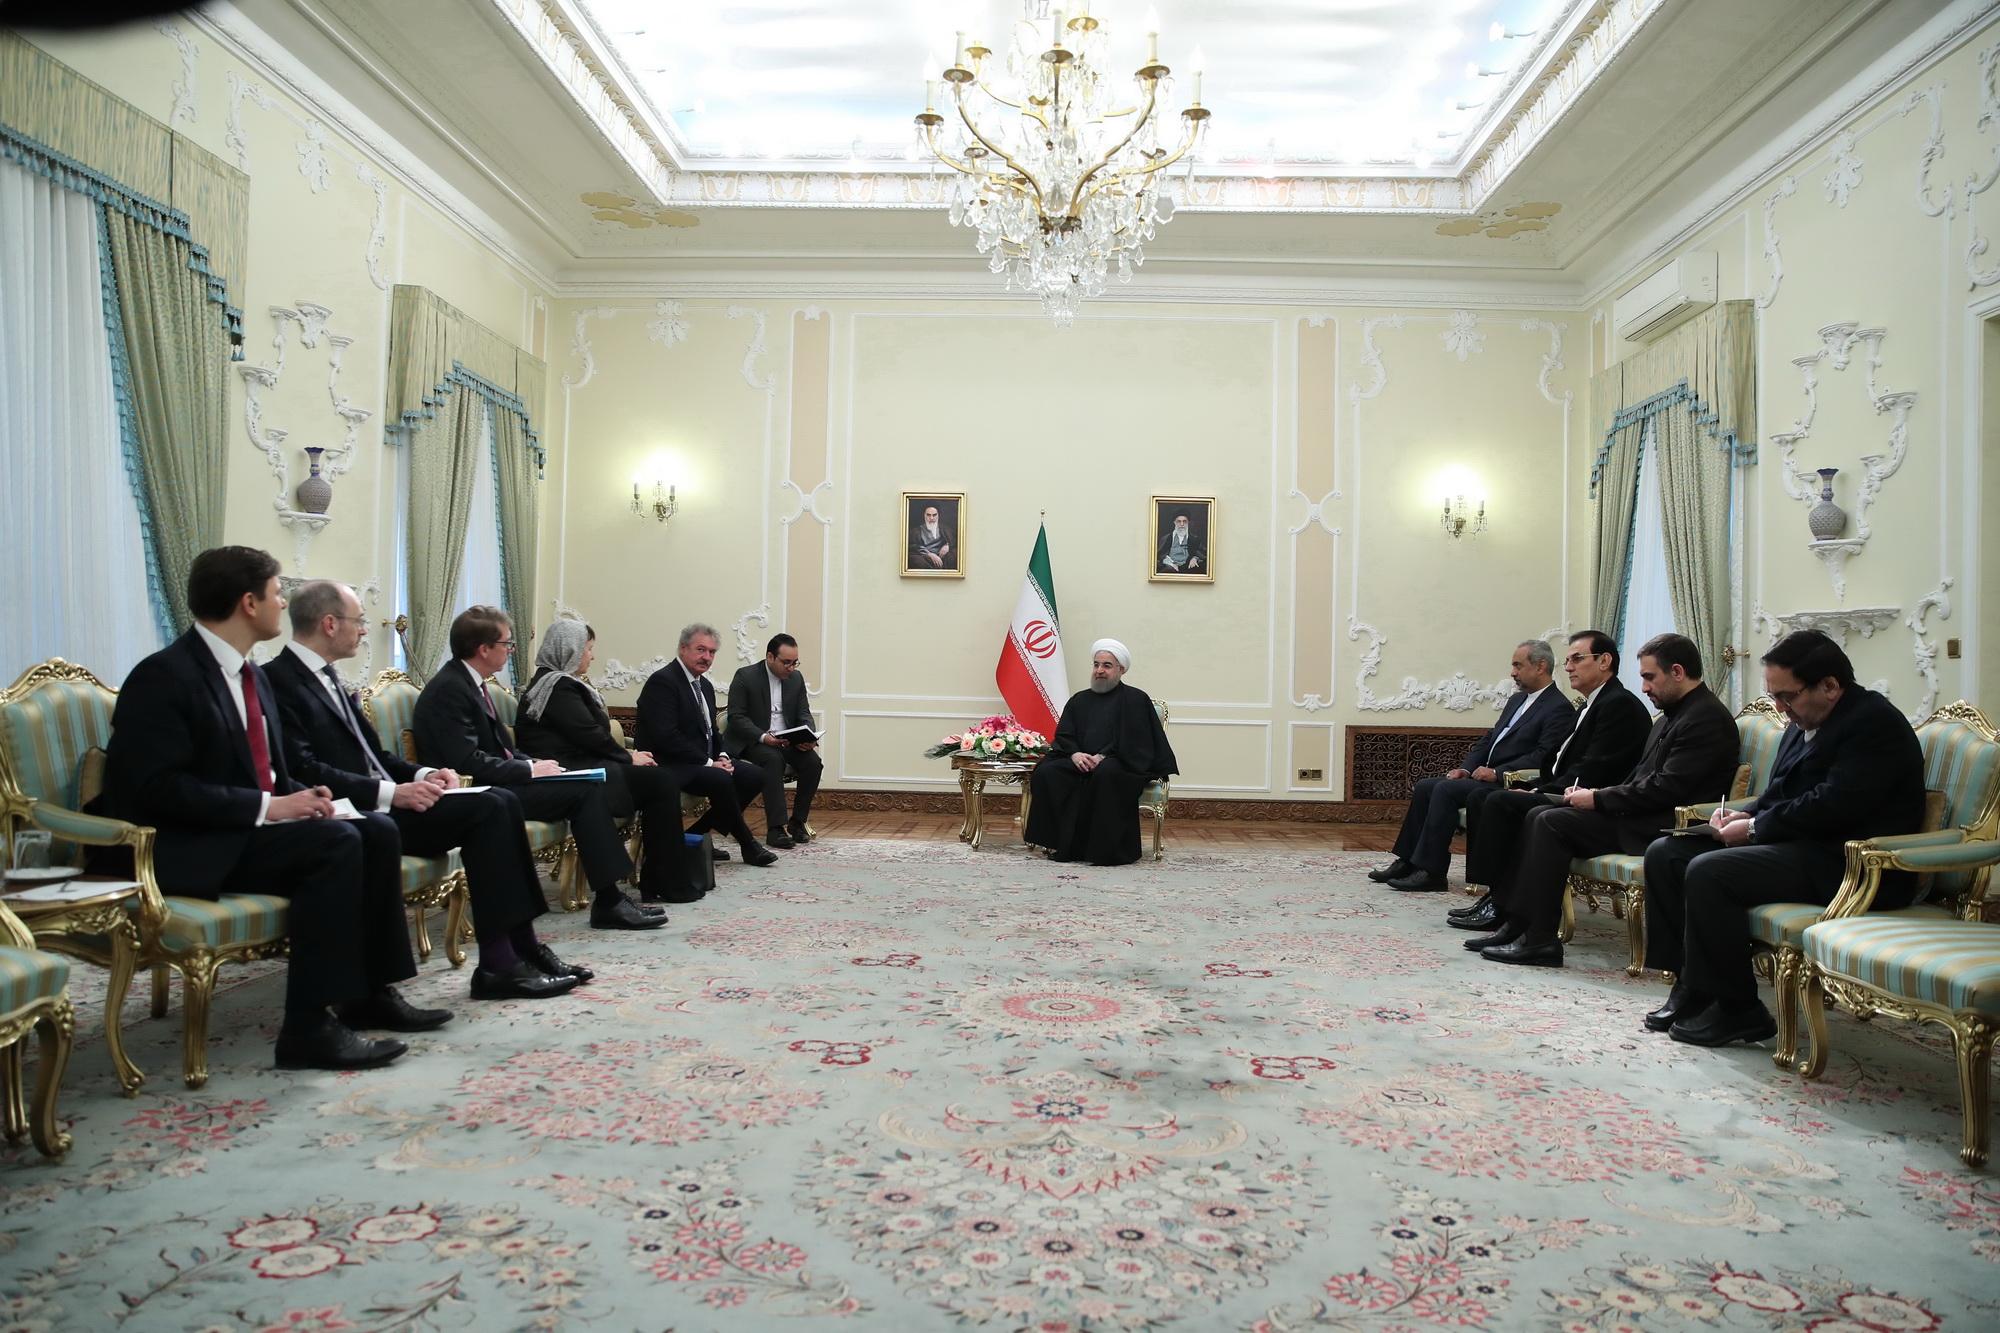 ایران تا زمانی که طرفهای مقابل به تعهداتشان پایبند باشند، پای تعهداتش خواهد ایستاد,